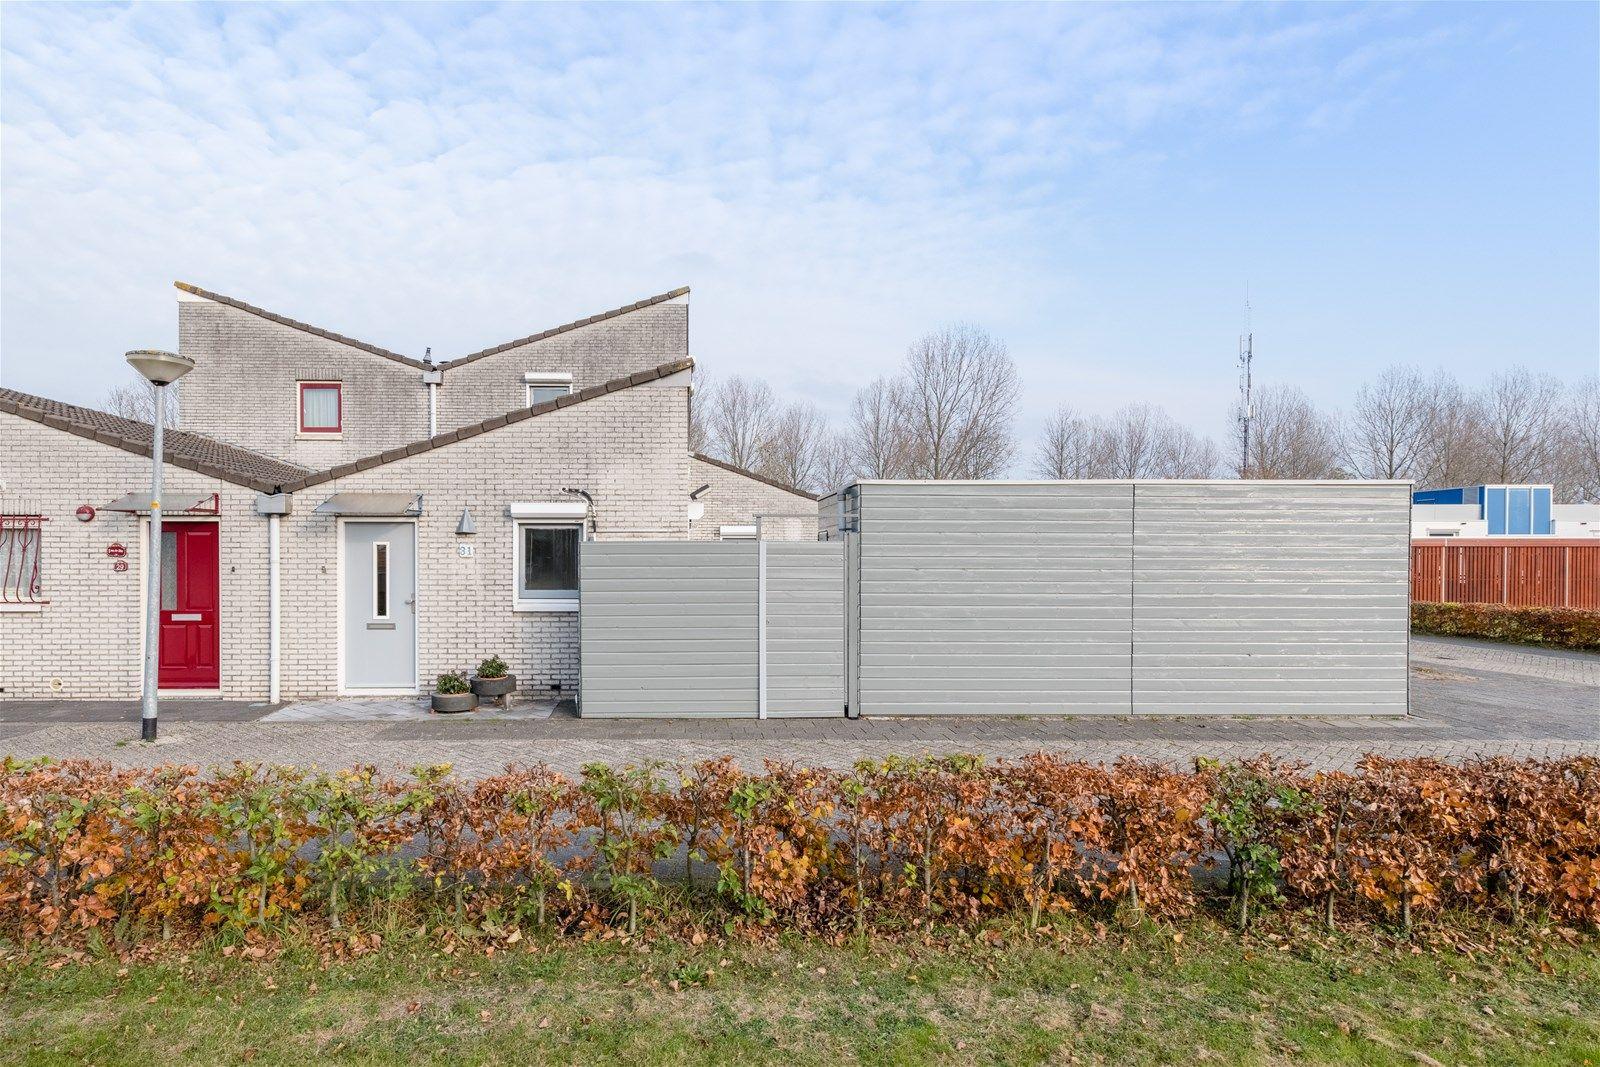 P. Verhagenstraat 31, Almere